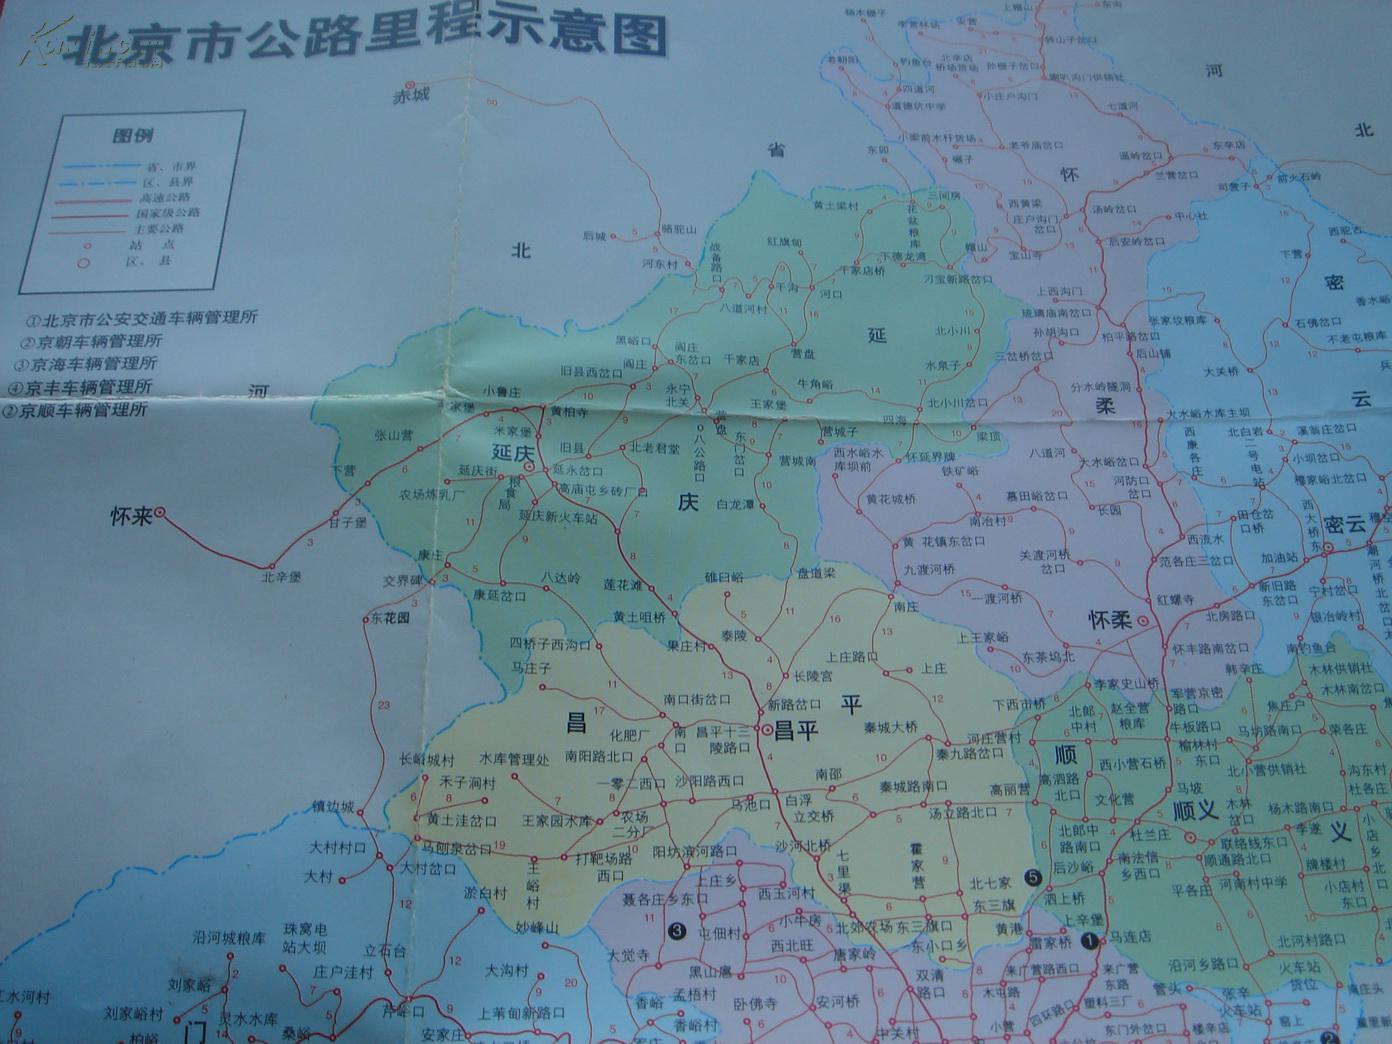 北京市���k�llyc.�`���%_【旧地图】北京市驾驶导向图 小4开